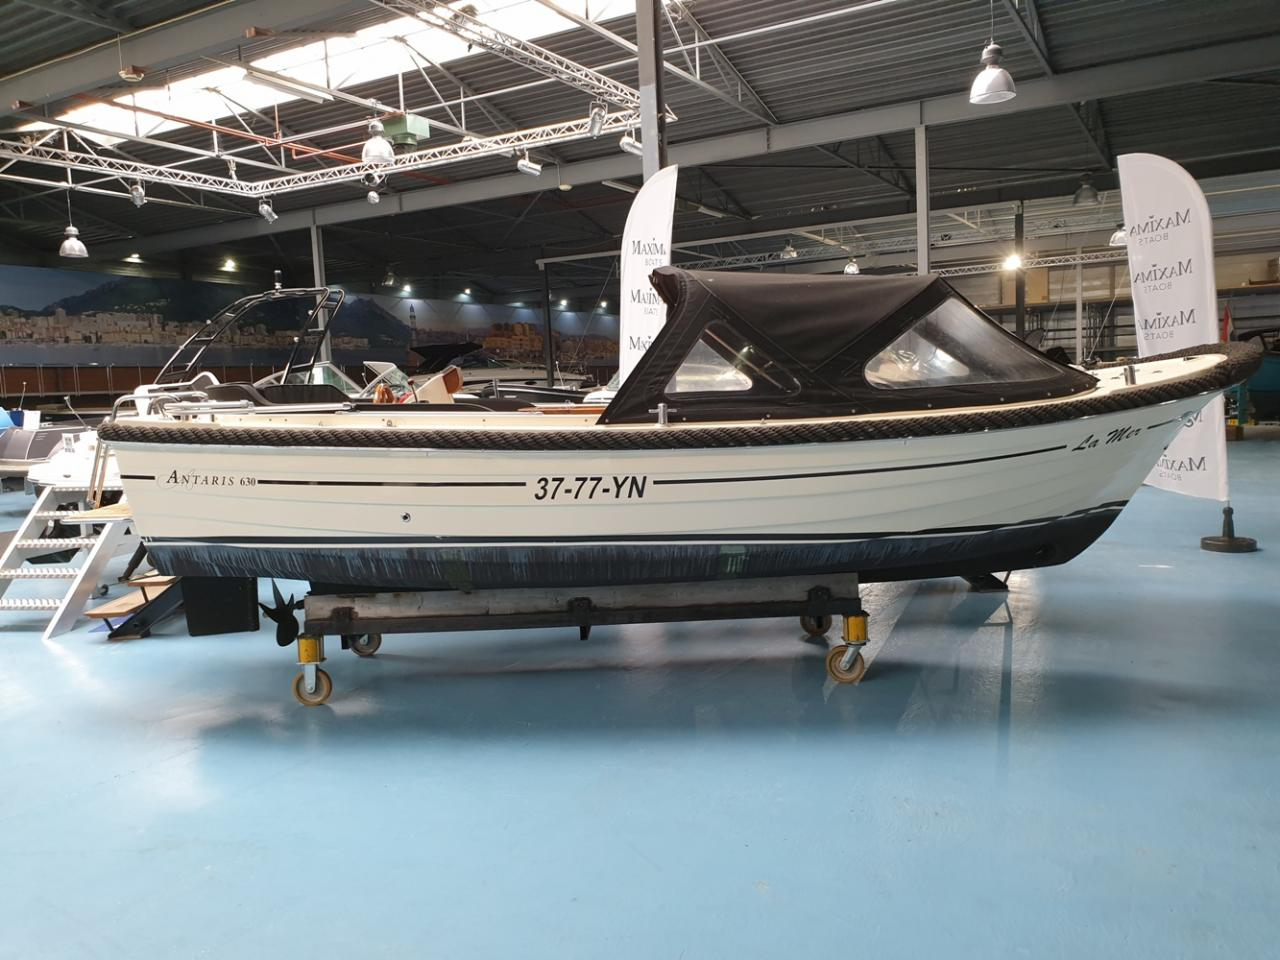 Antaris 630 sloep met Yanmar 110 pk full options! 2